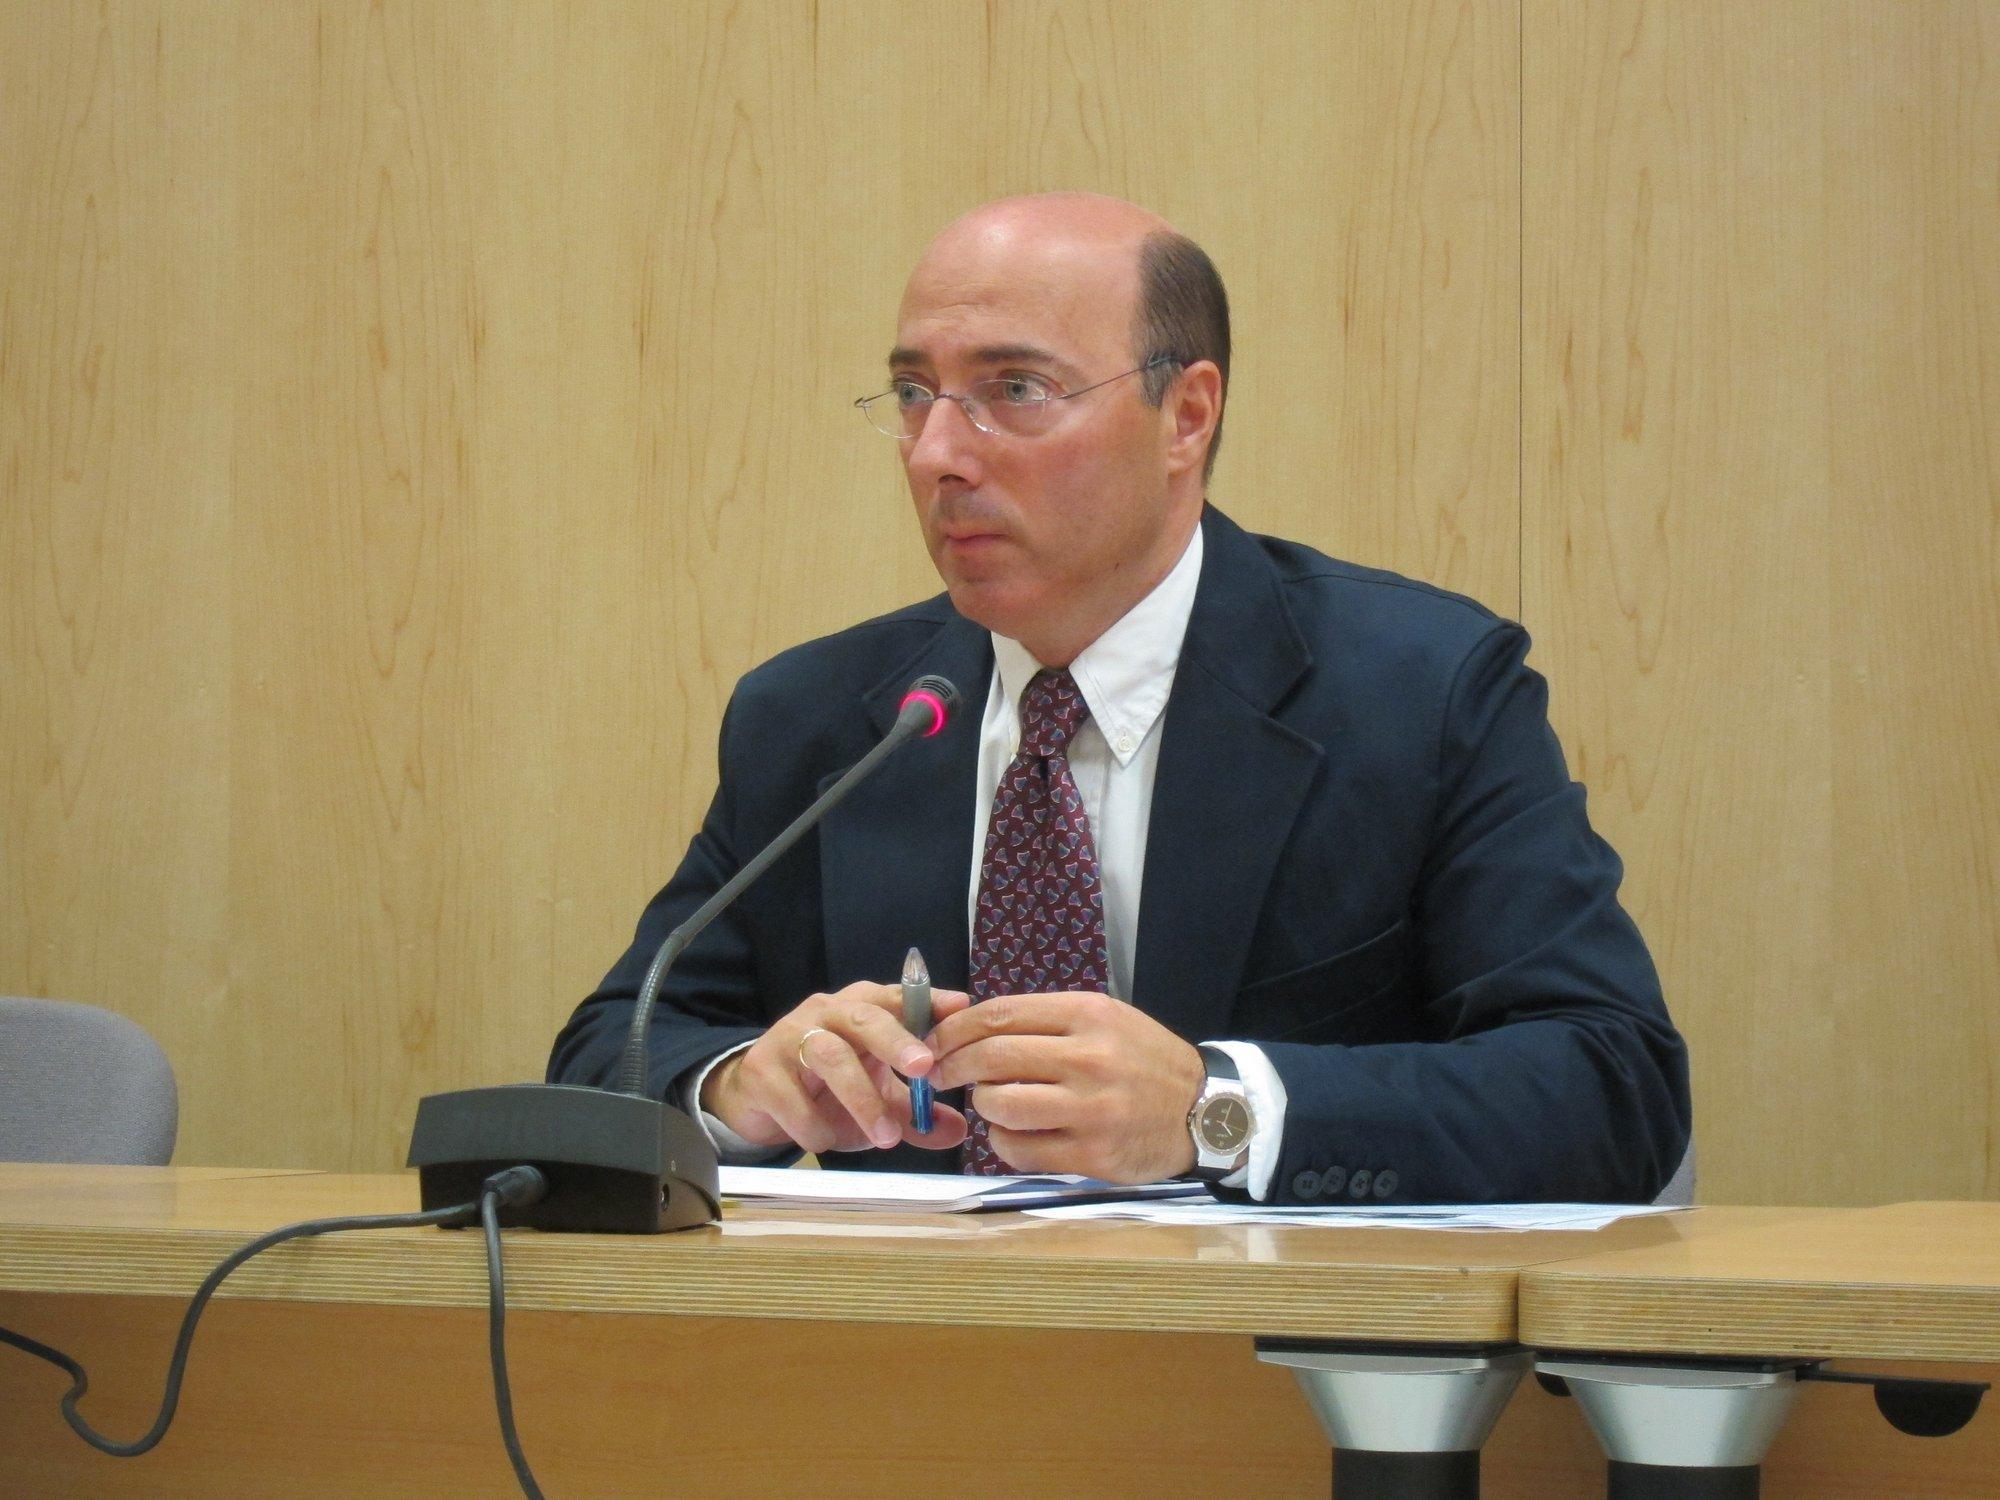 El Delegado del Gobierno en Euskadi se opone a que »Txelis» asista a unos cursos de verano